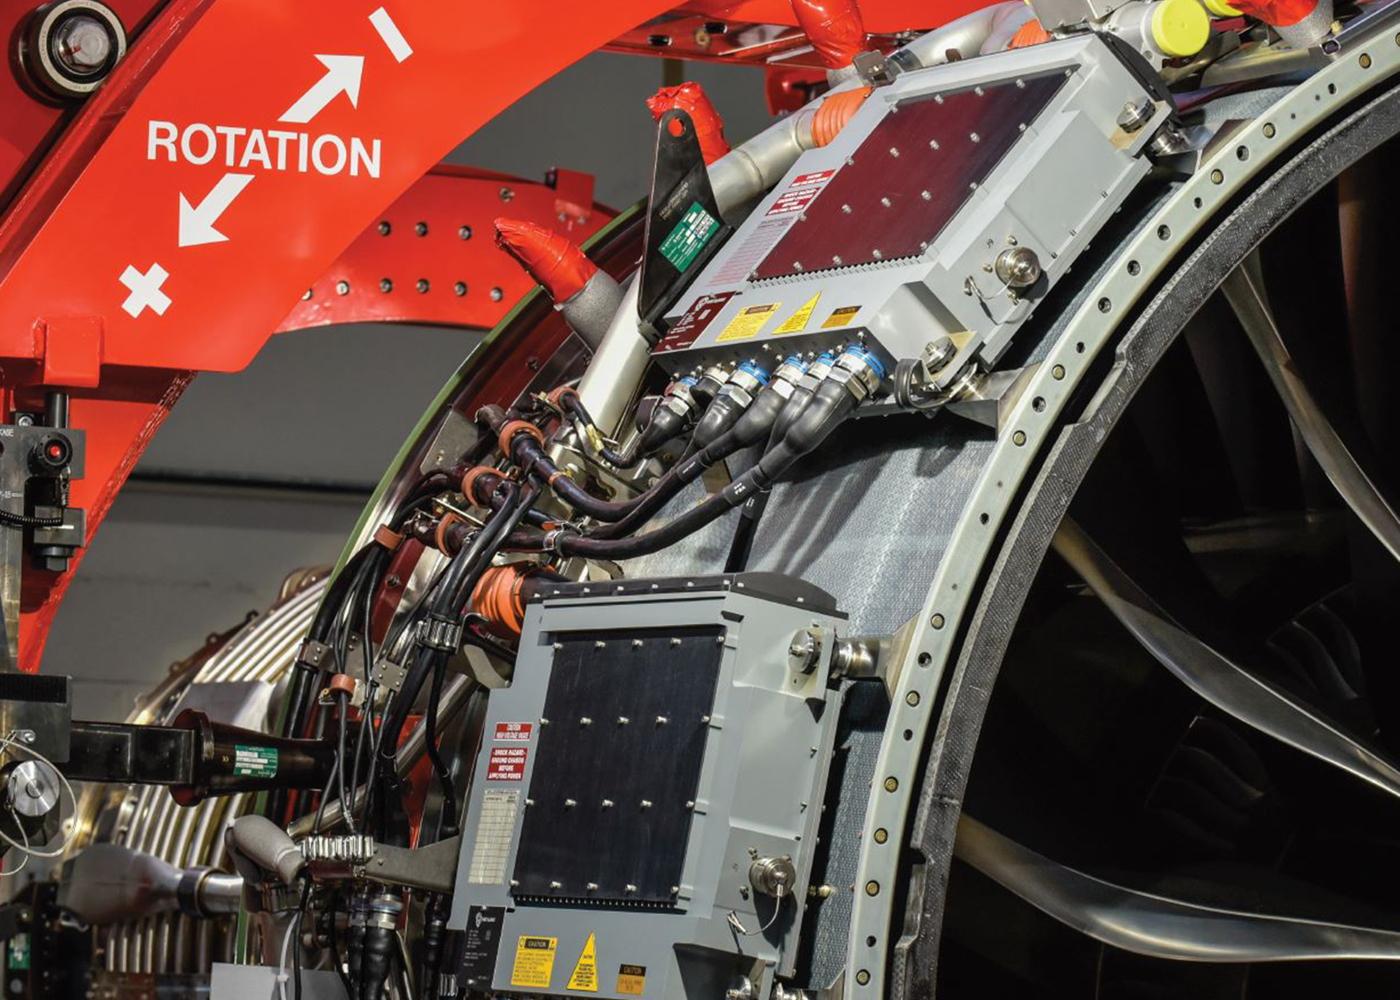 BAE digital engine controls